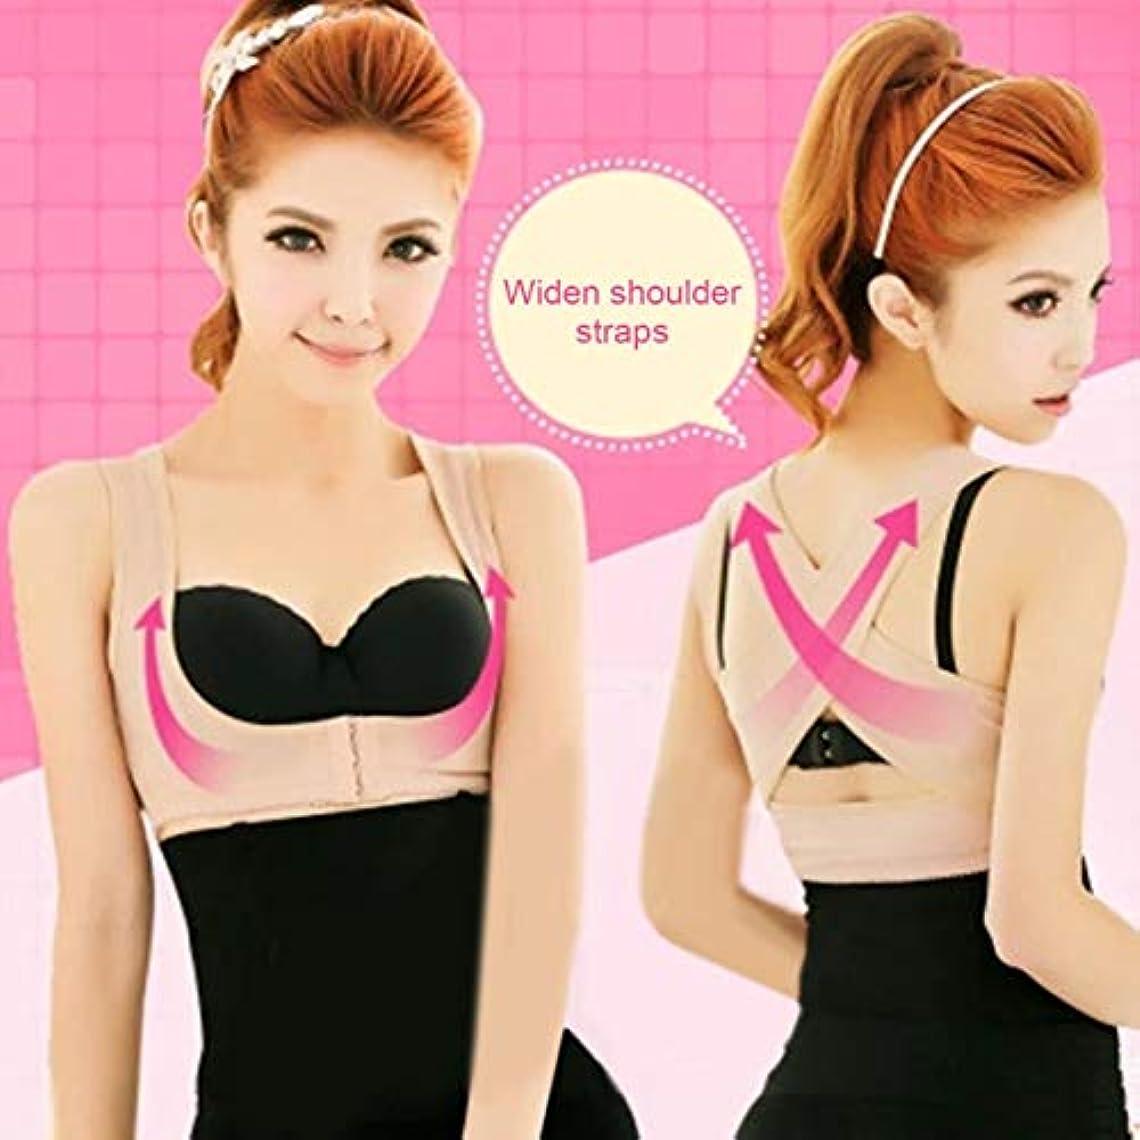 ゲージ救い虚弱Posture Corrector Women Chest Brace Up Prevent Chest Sagging And Humpback Bra Cross Strap Vest Body Shaper Slimming...